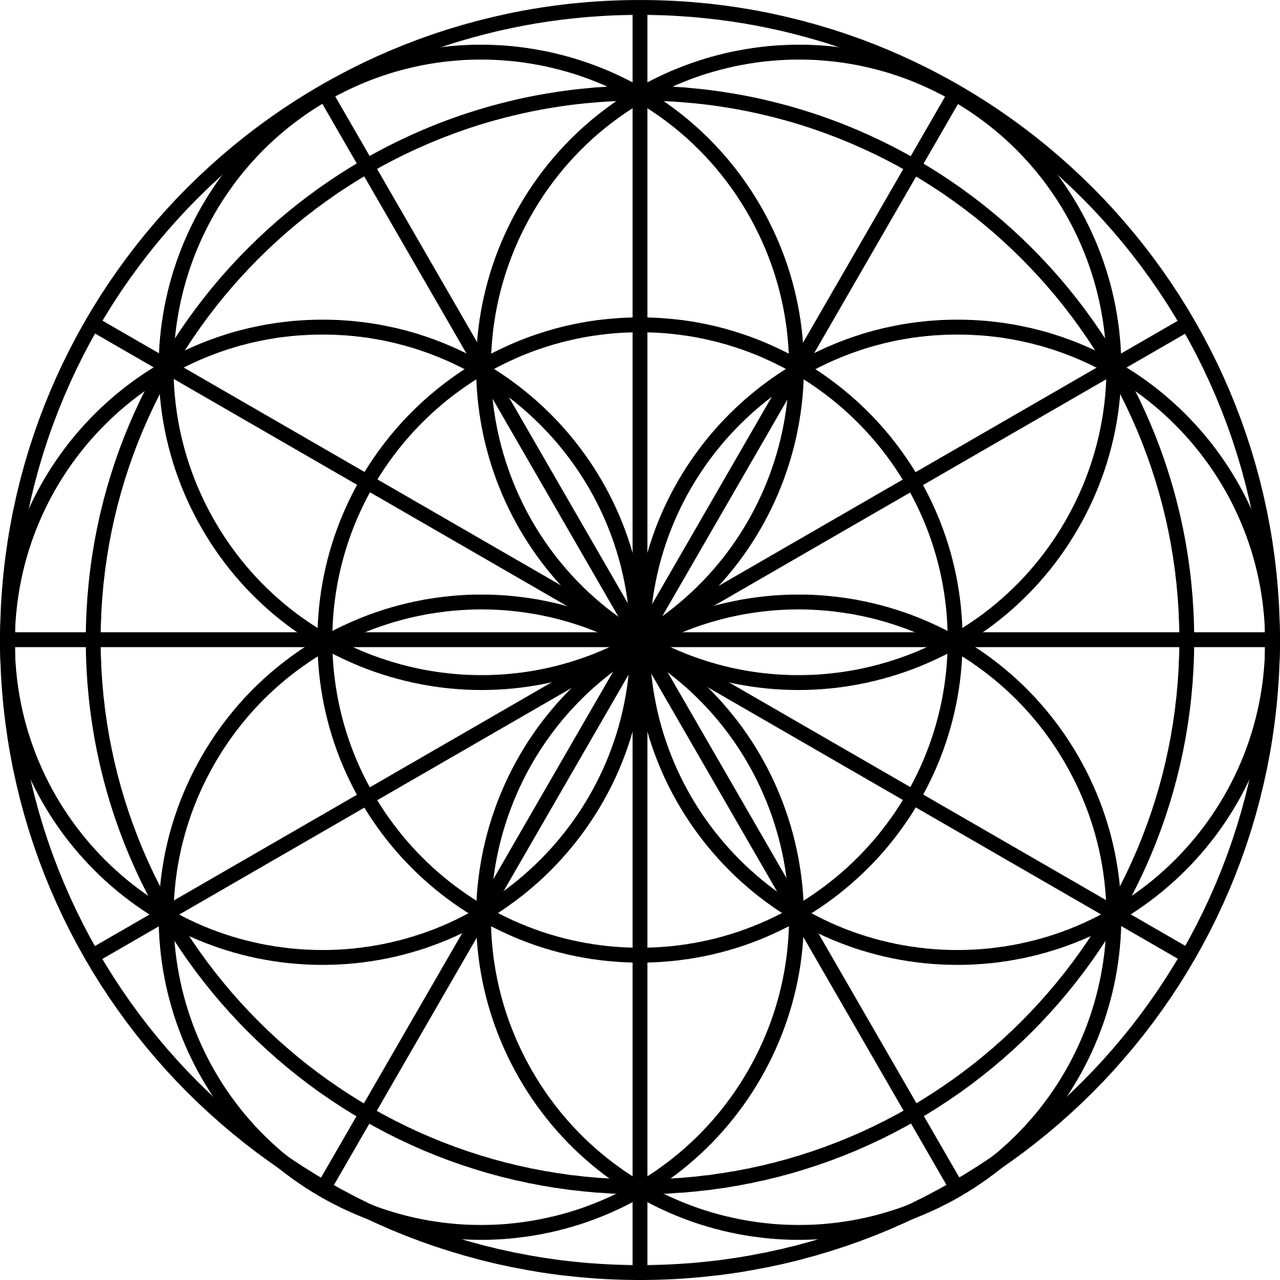 flower of life, sacred geometry, flower